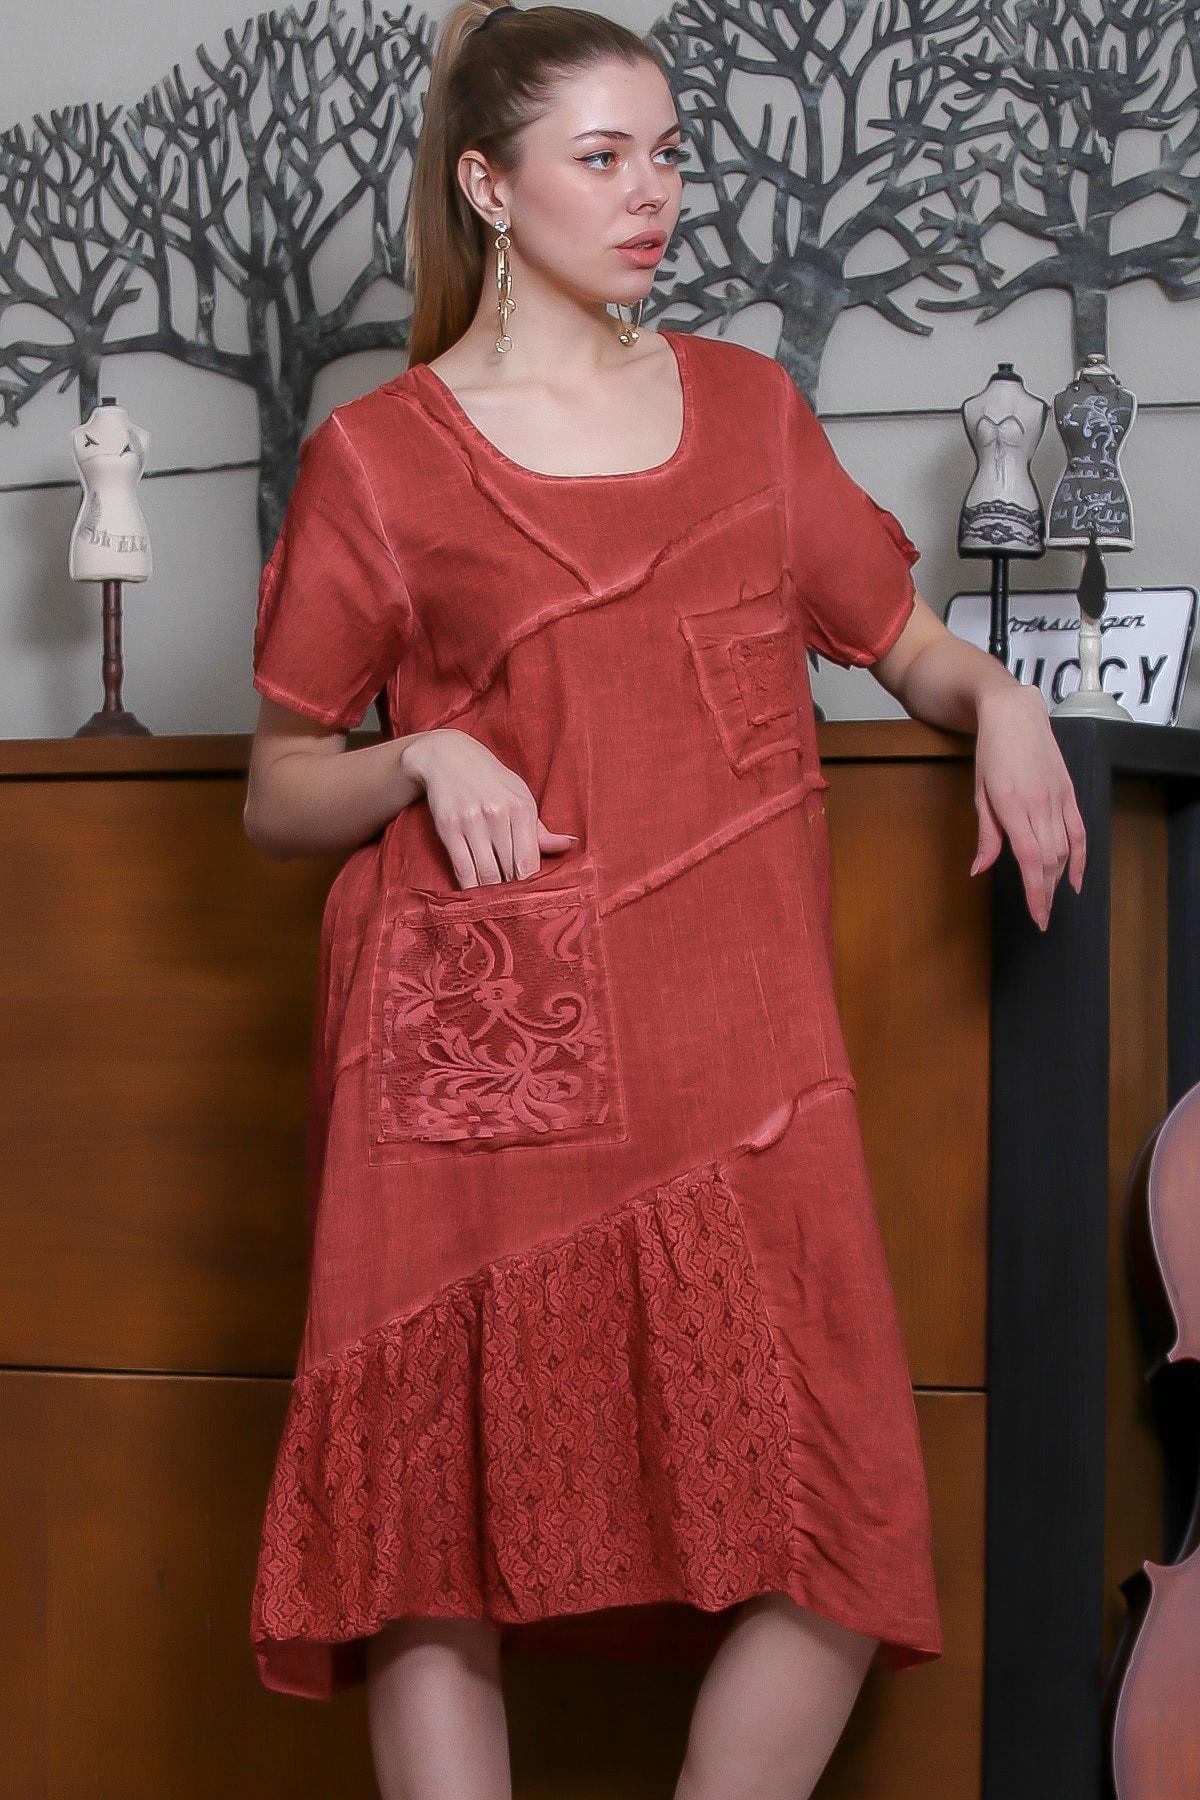 Chiccy Kadın Kiremit Sıfır Yaka Dantel Bloklu Cepli Astarlı Yıkamalı Elbise M10160000EL95294 0